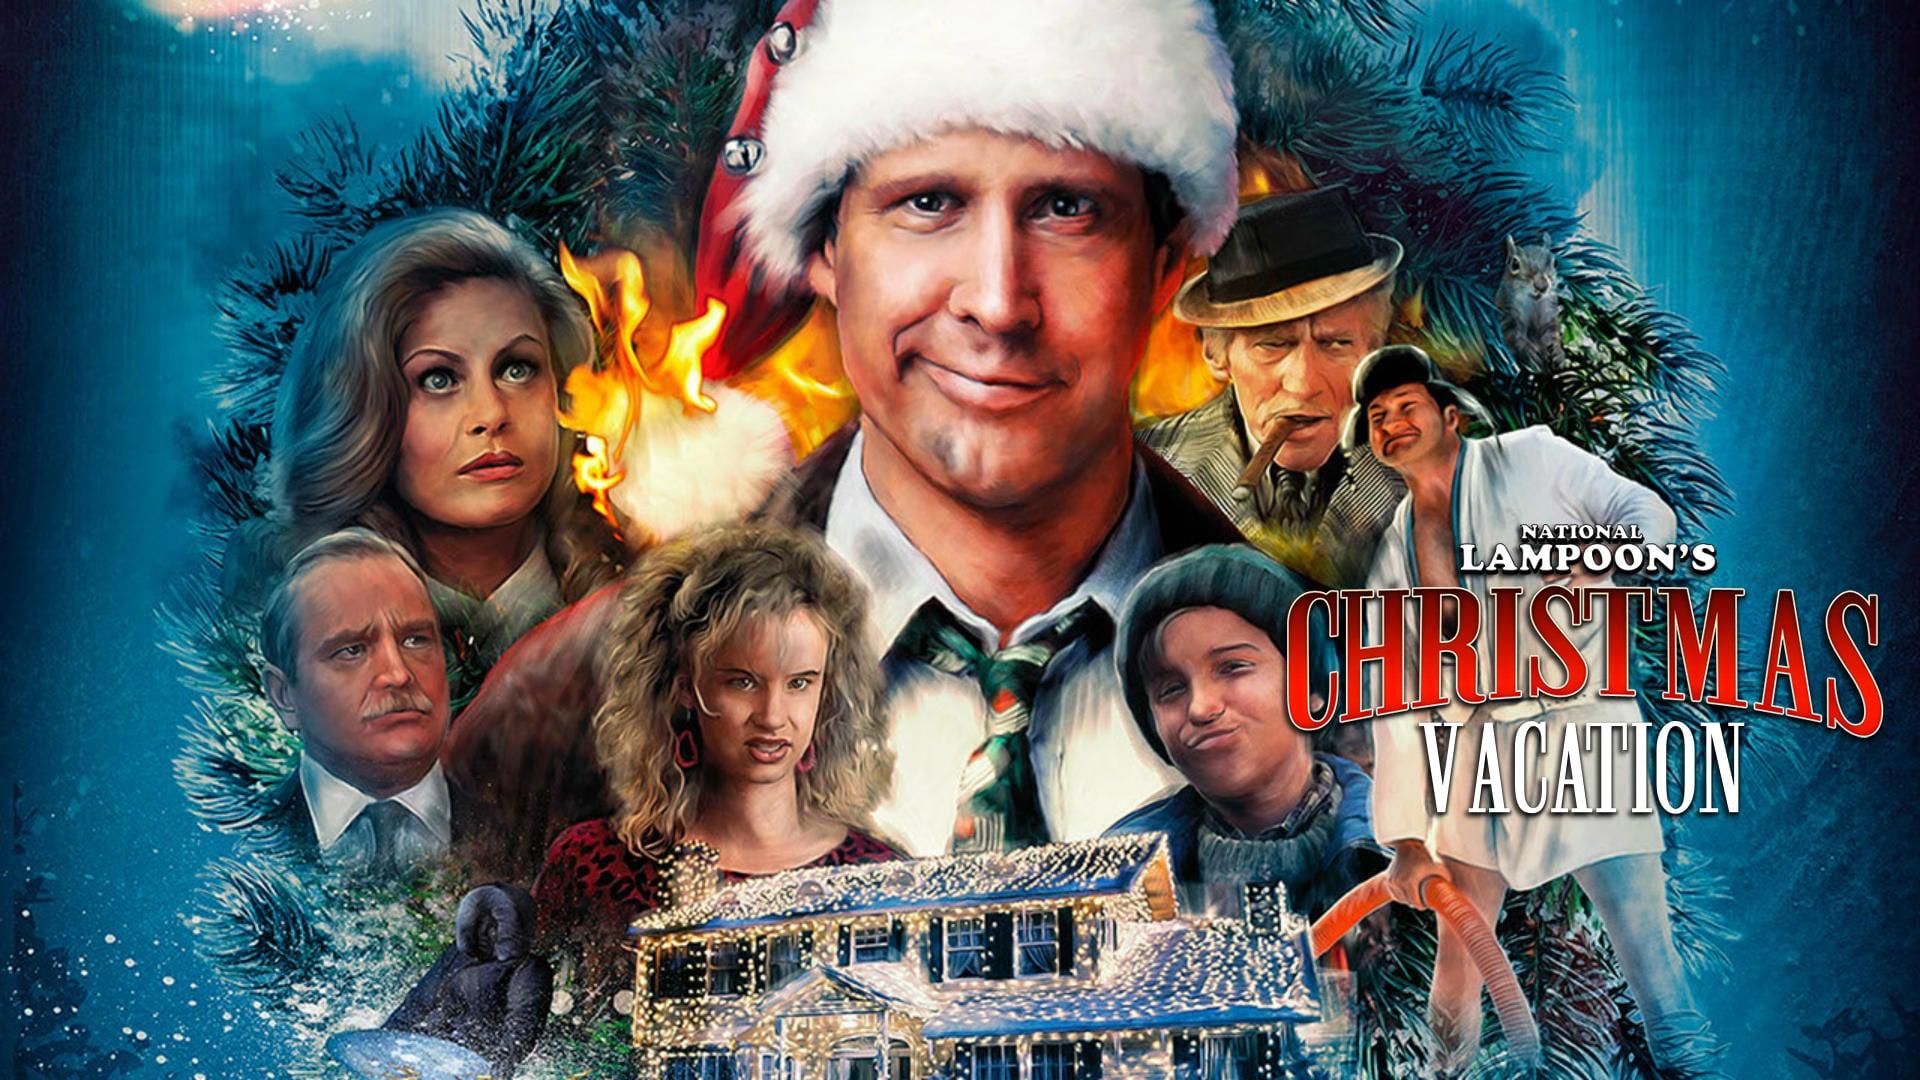 Рождественские каникулы (1989) фильм новогодний